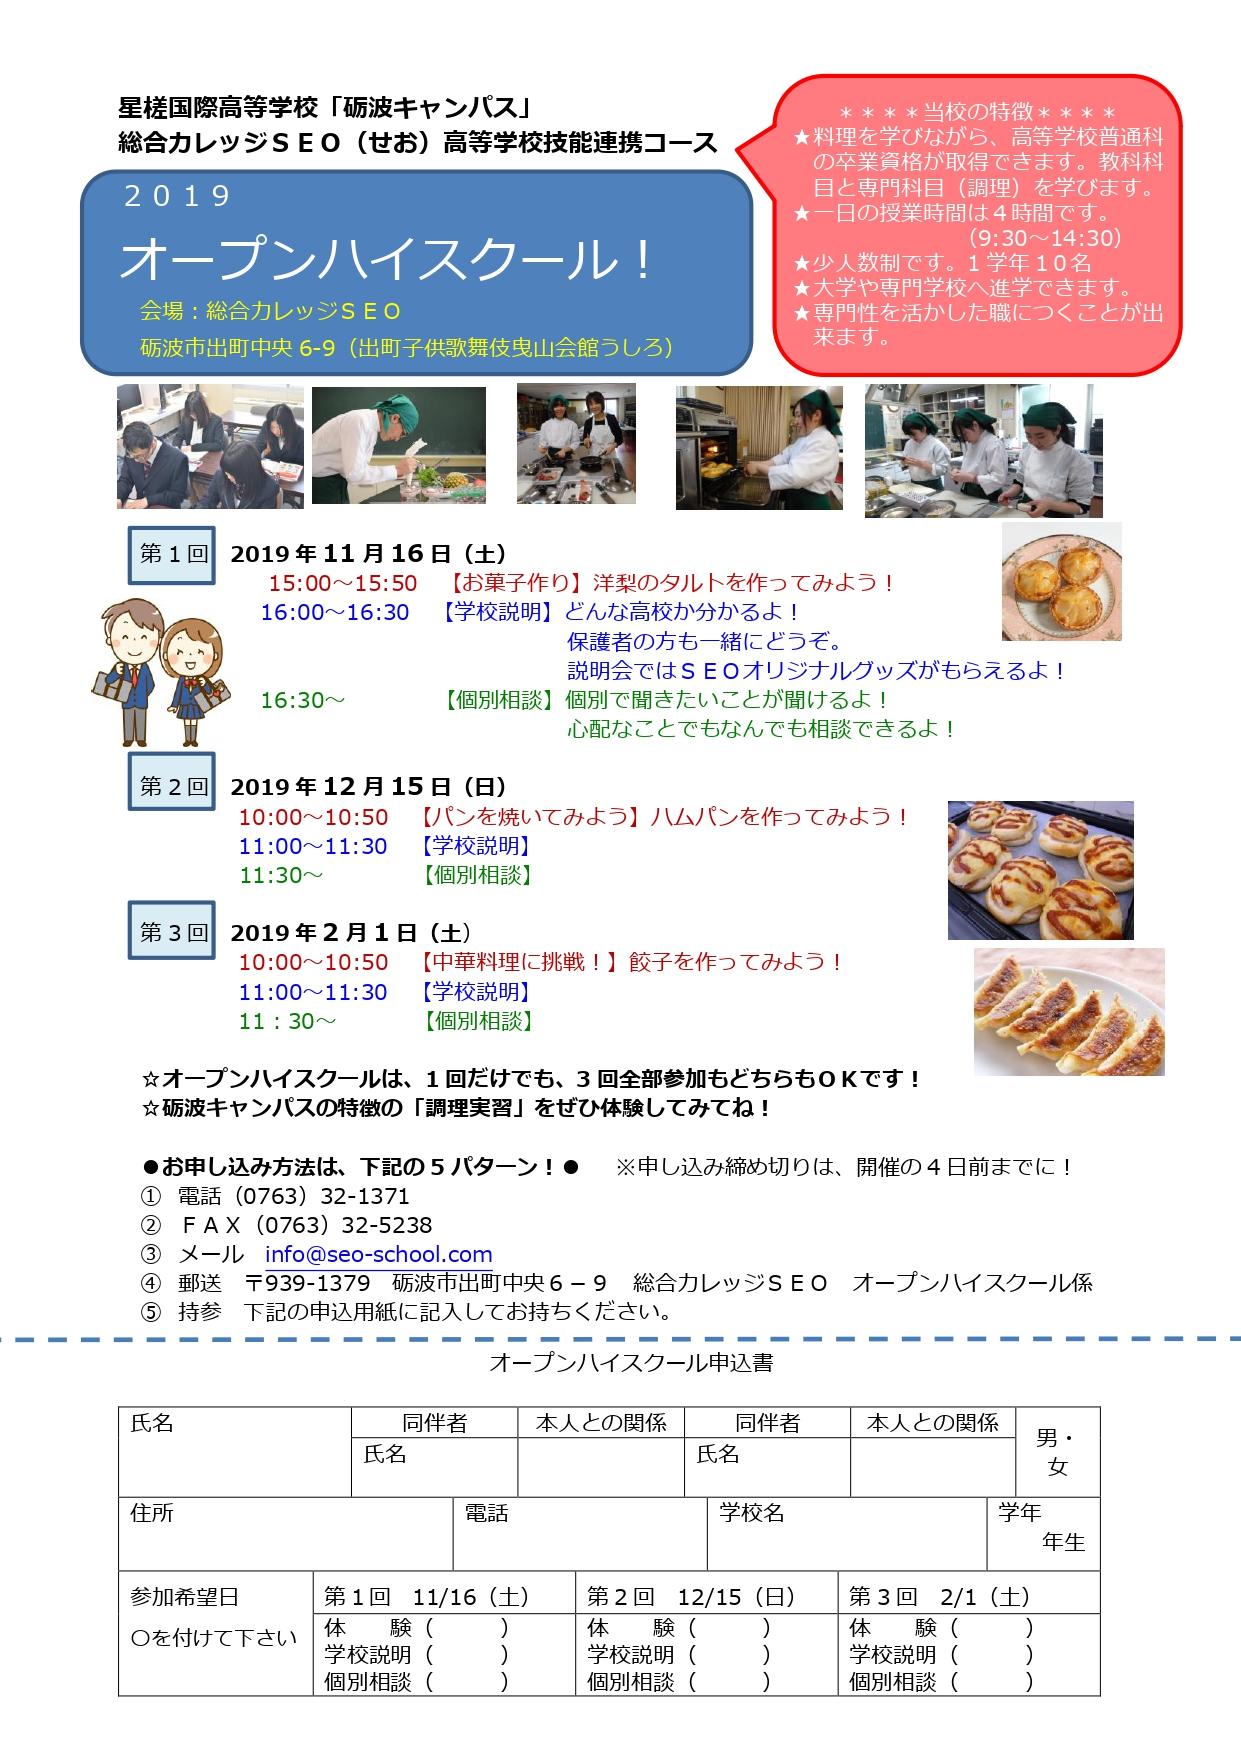 星槎国際高等学校オープンハイスクール2019_page-0001